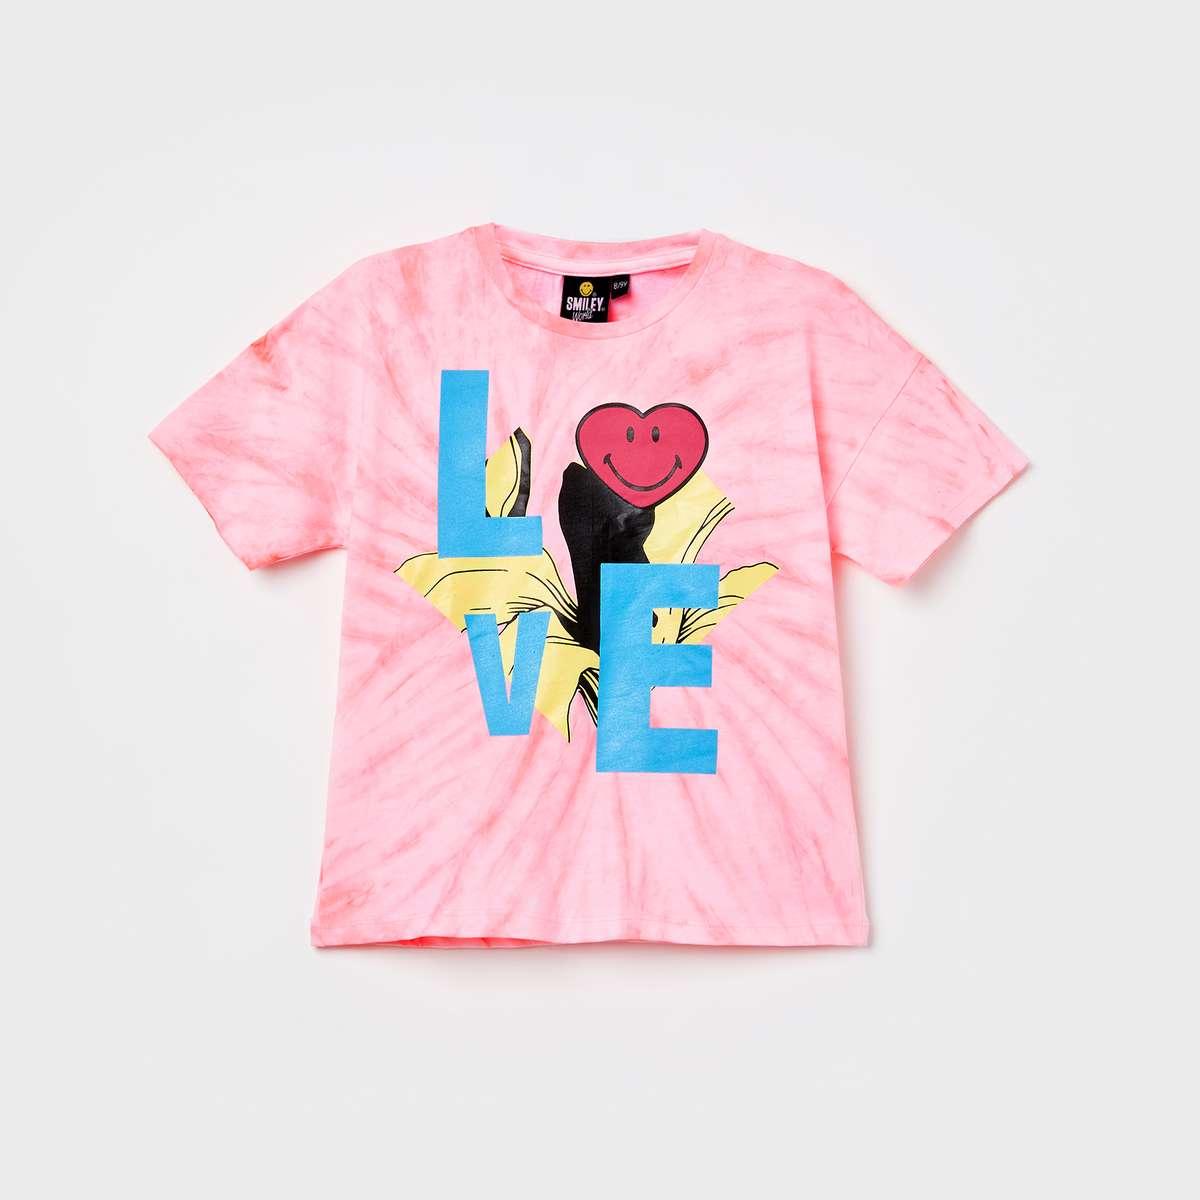 1g. SMILEYWORLD Printed Short Sleeves T-shirt